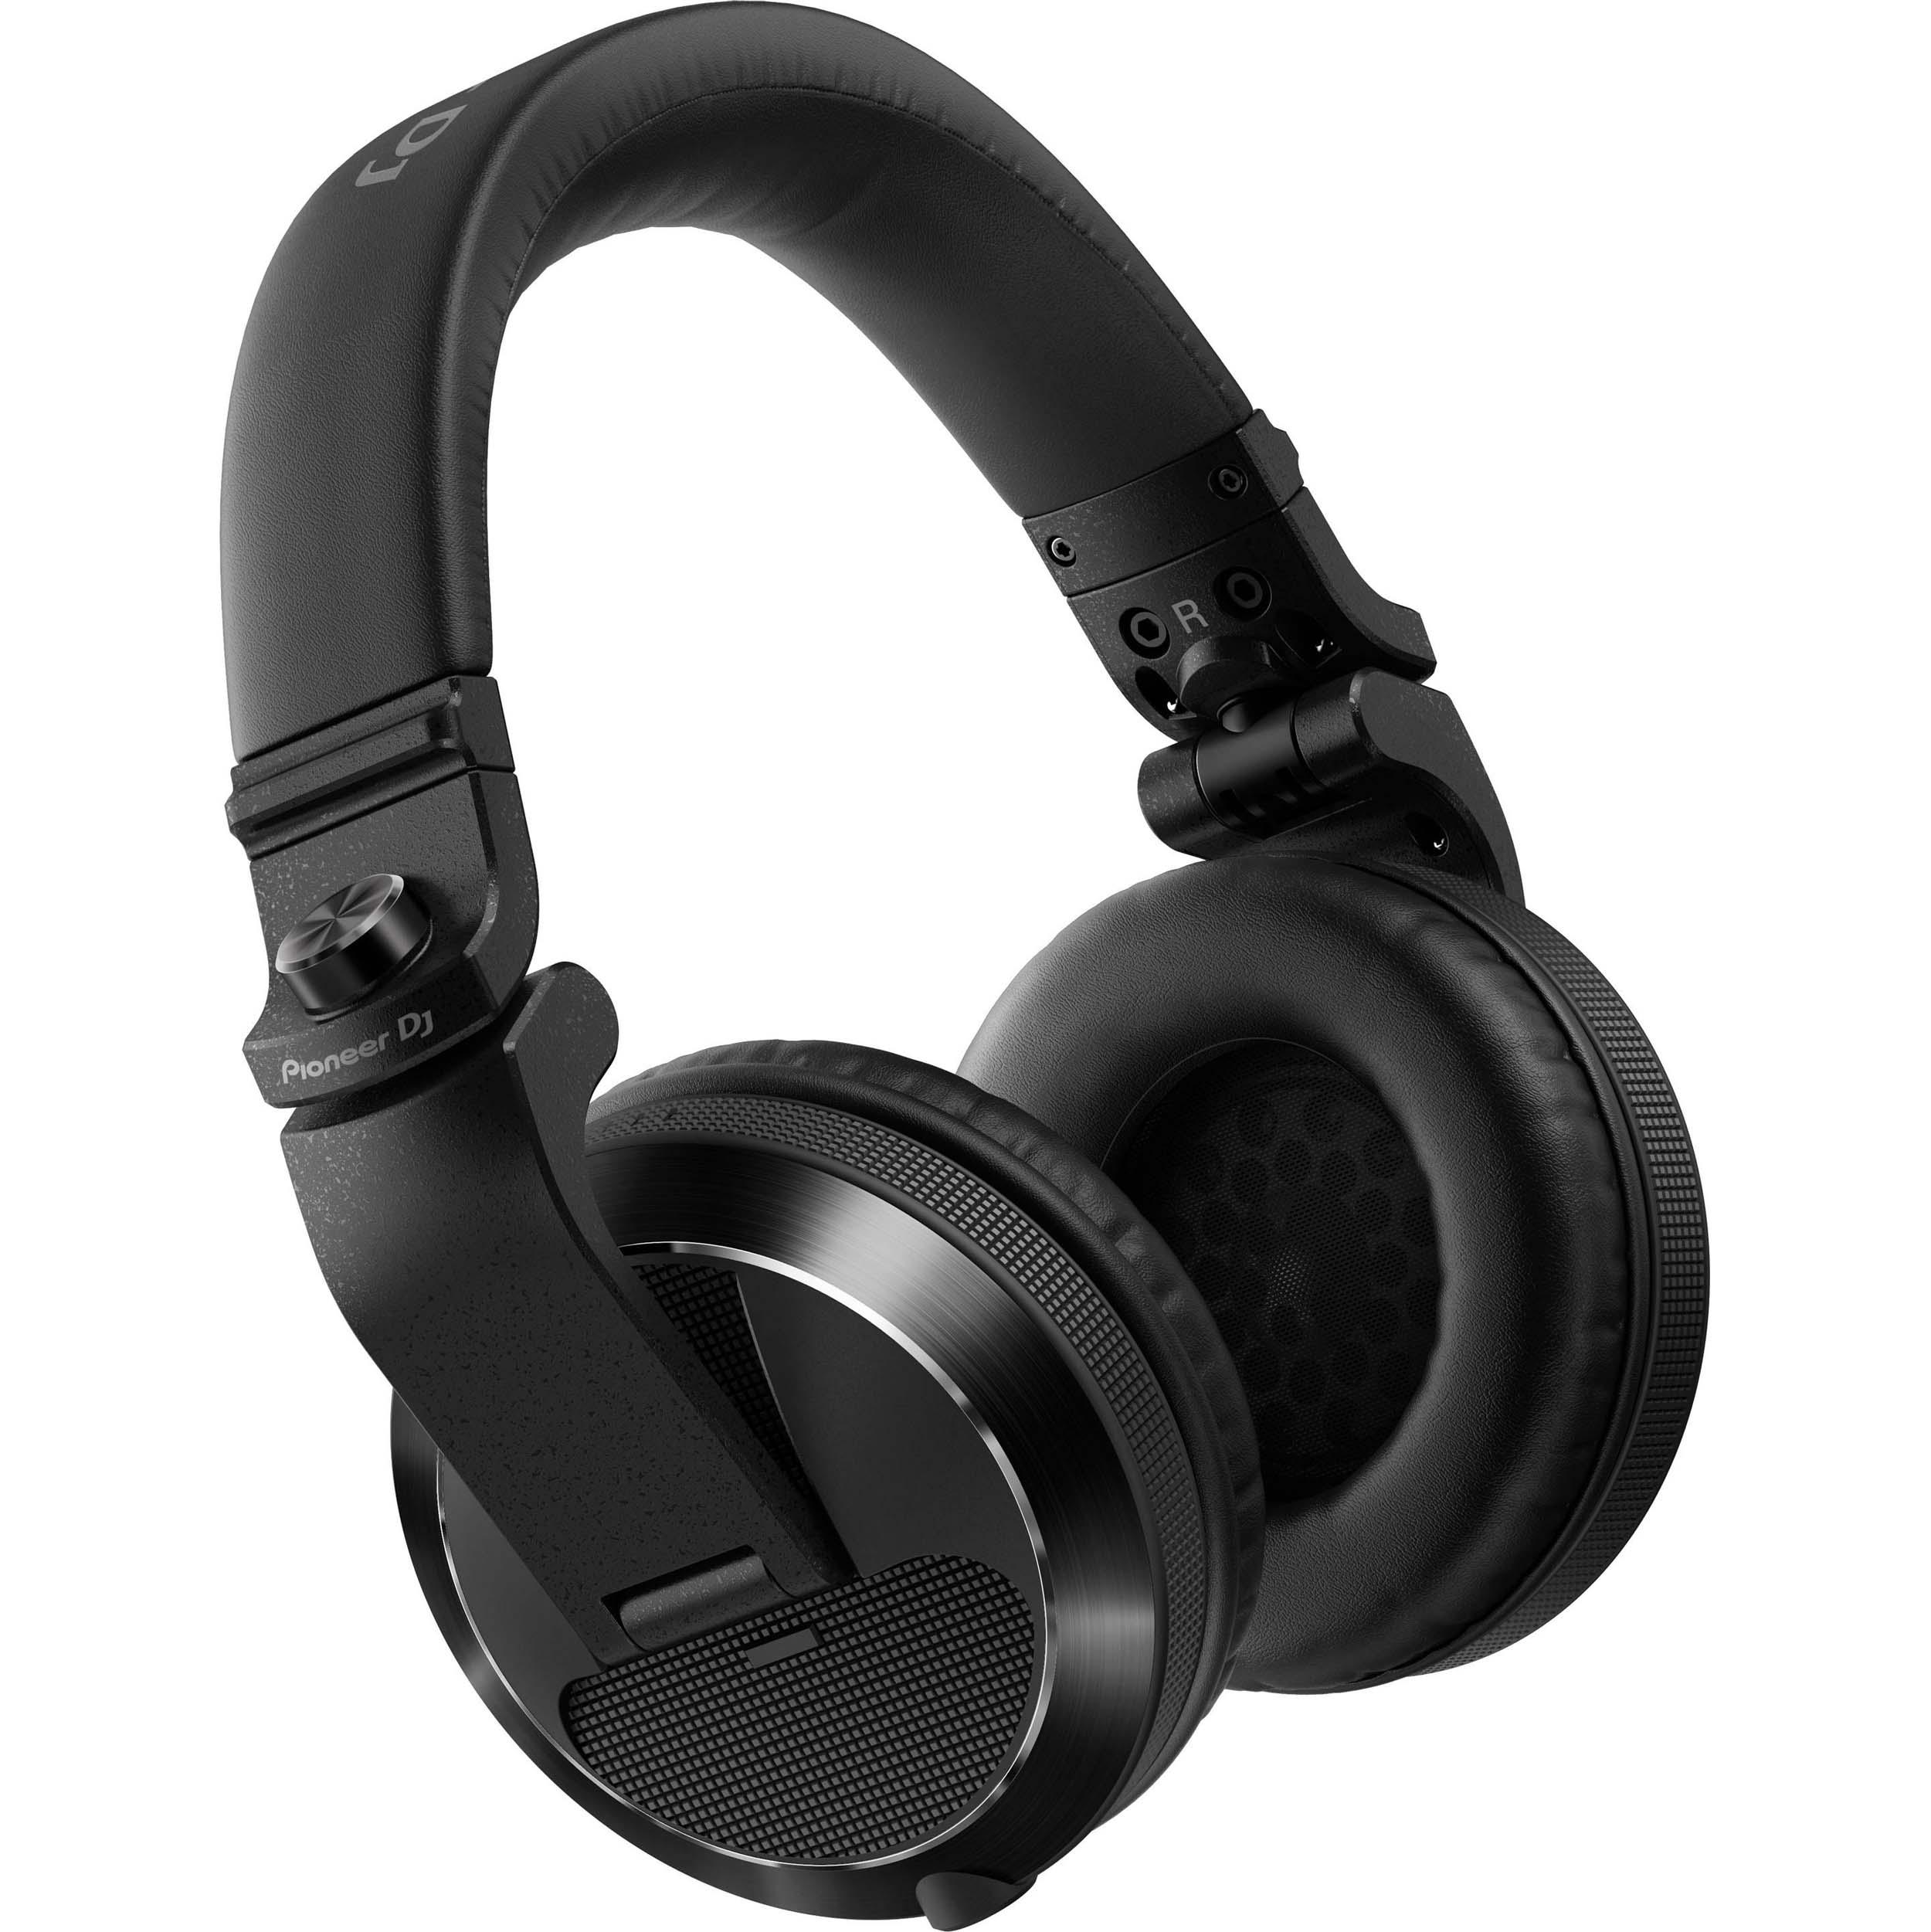 Auriculares PIONEER HDJ-X7